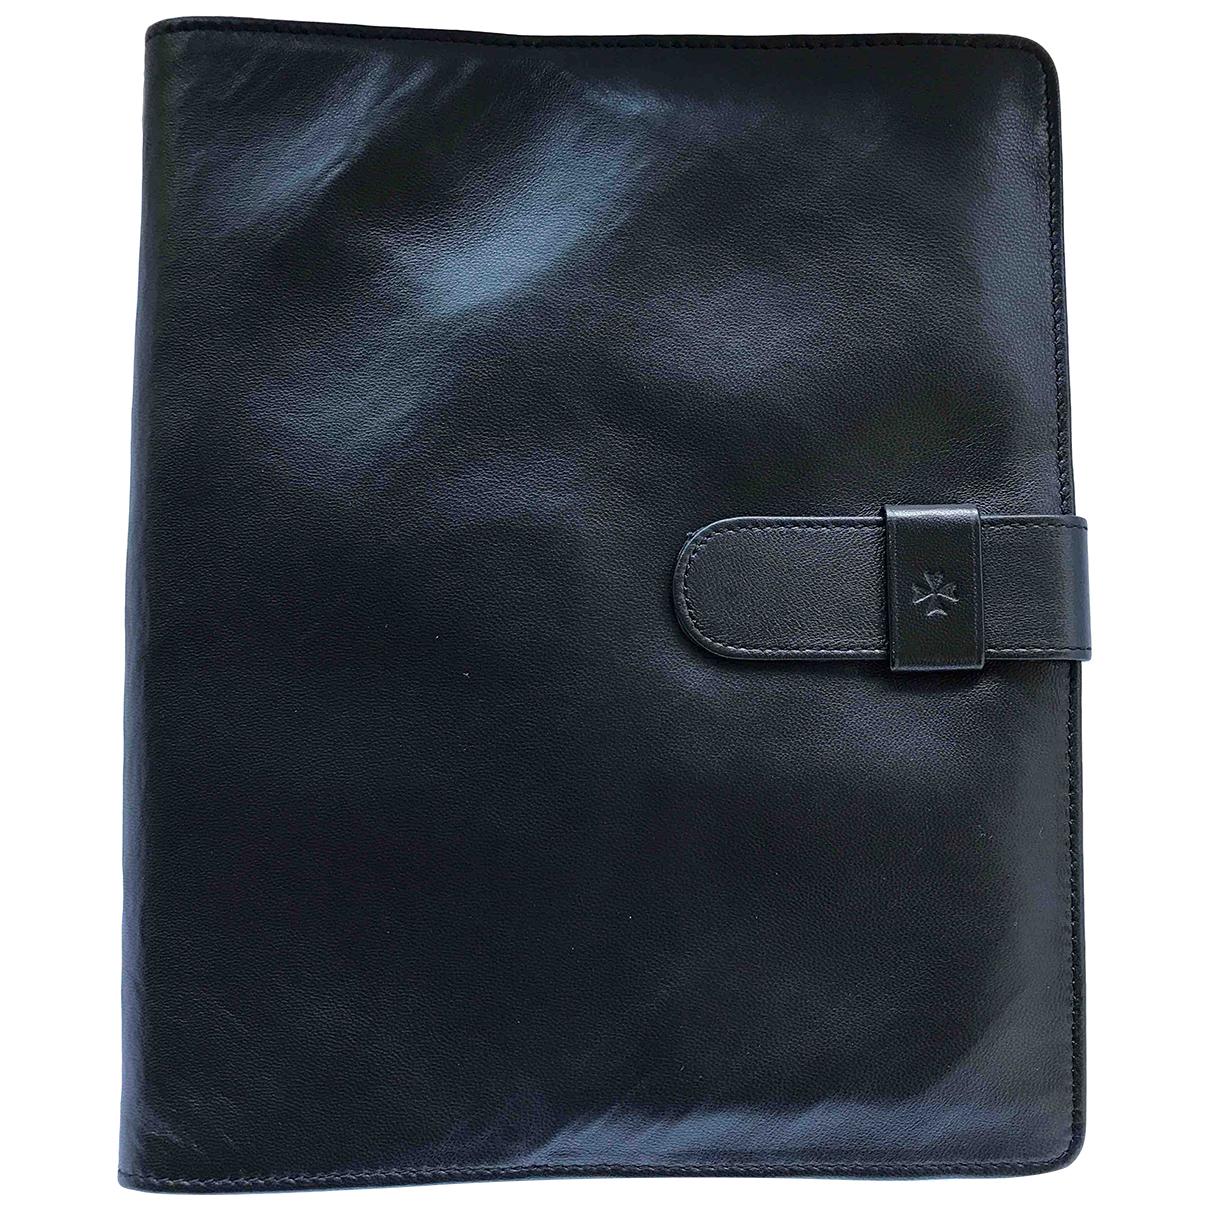 Vacheron Constantin - Petite maroquinerie   pour homme en cuir - noir